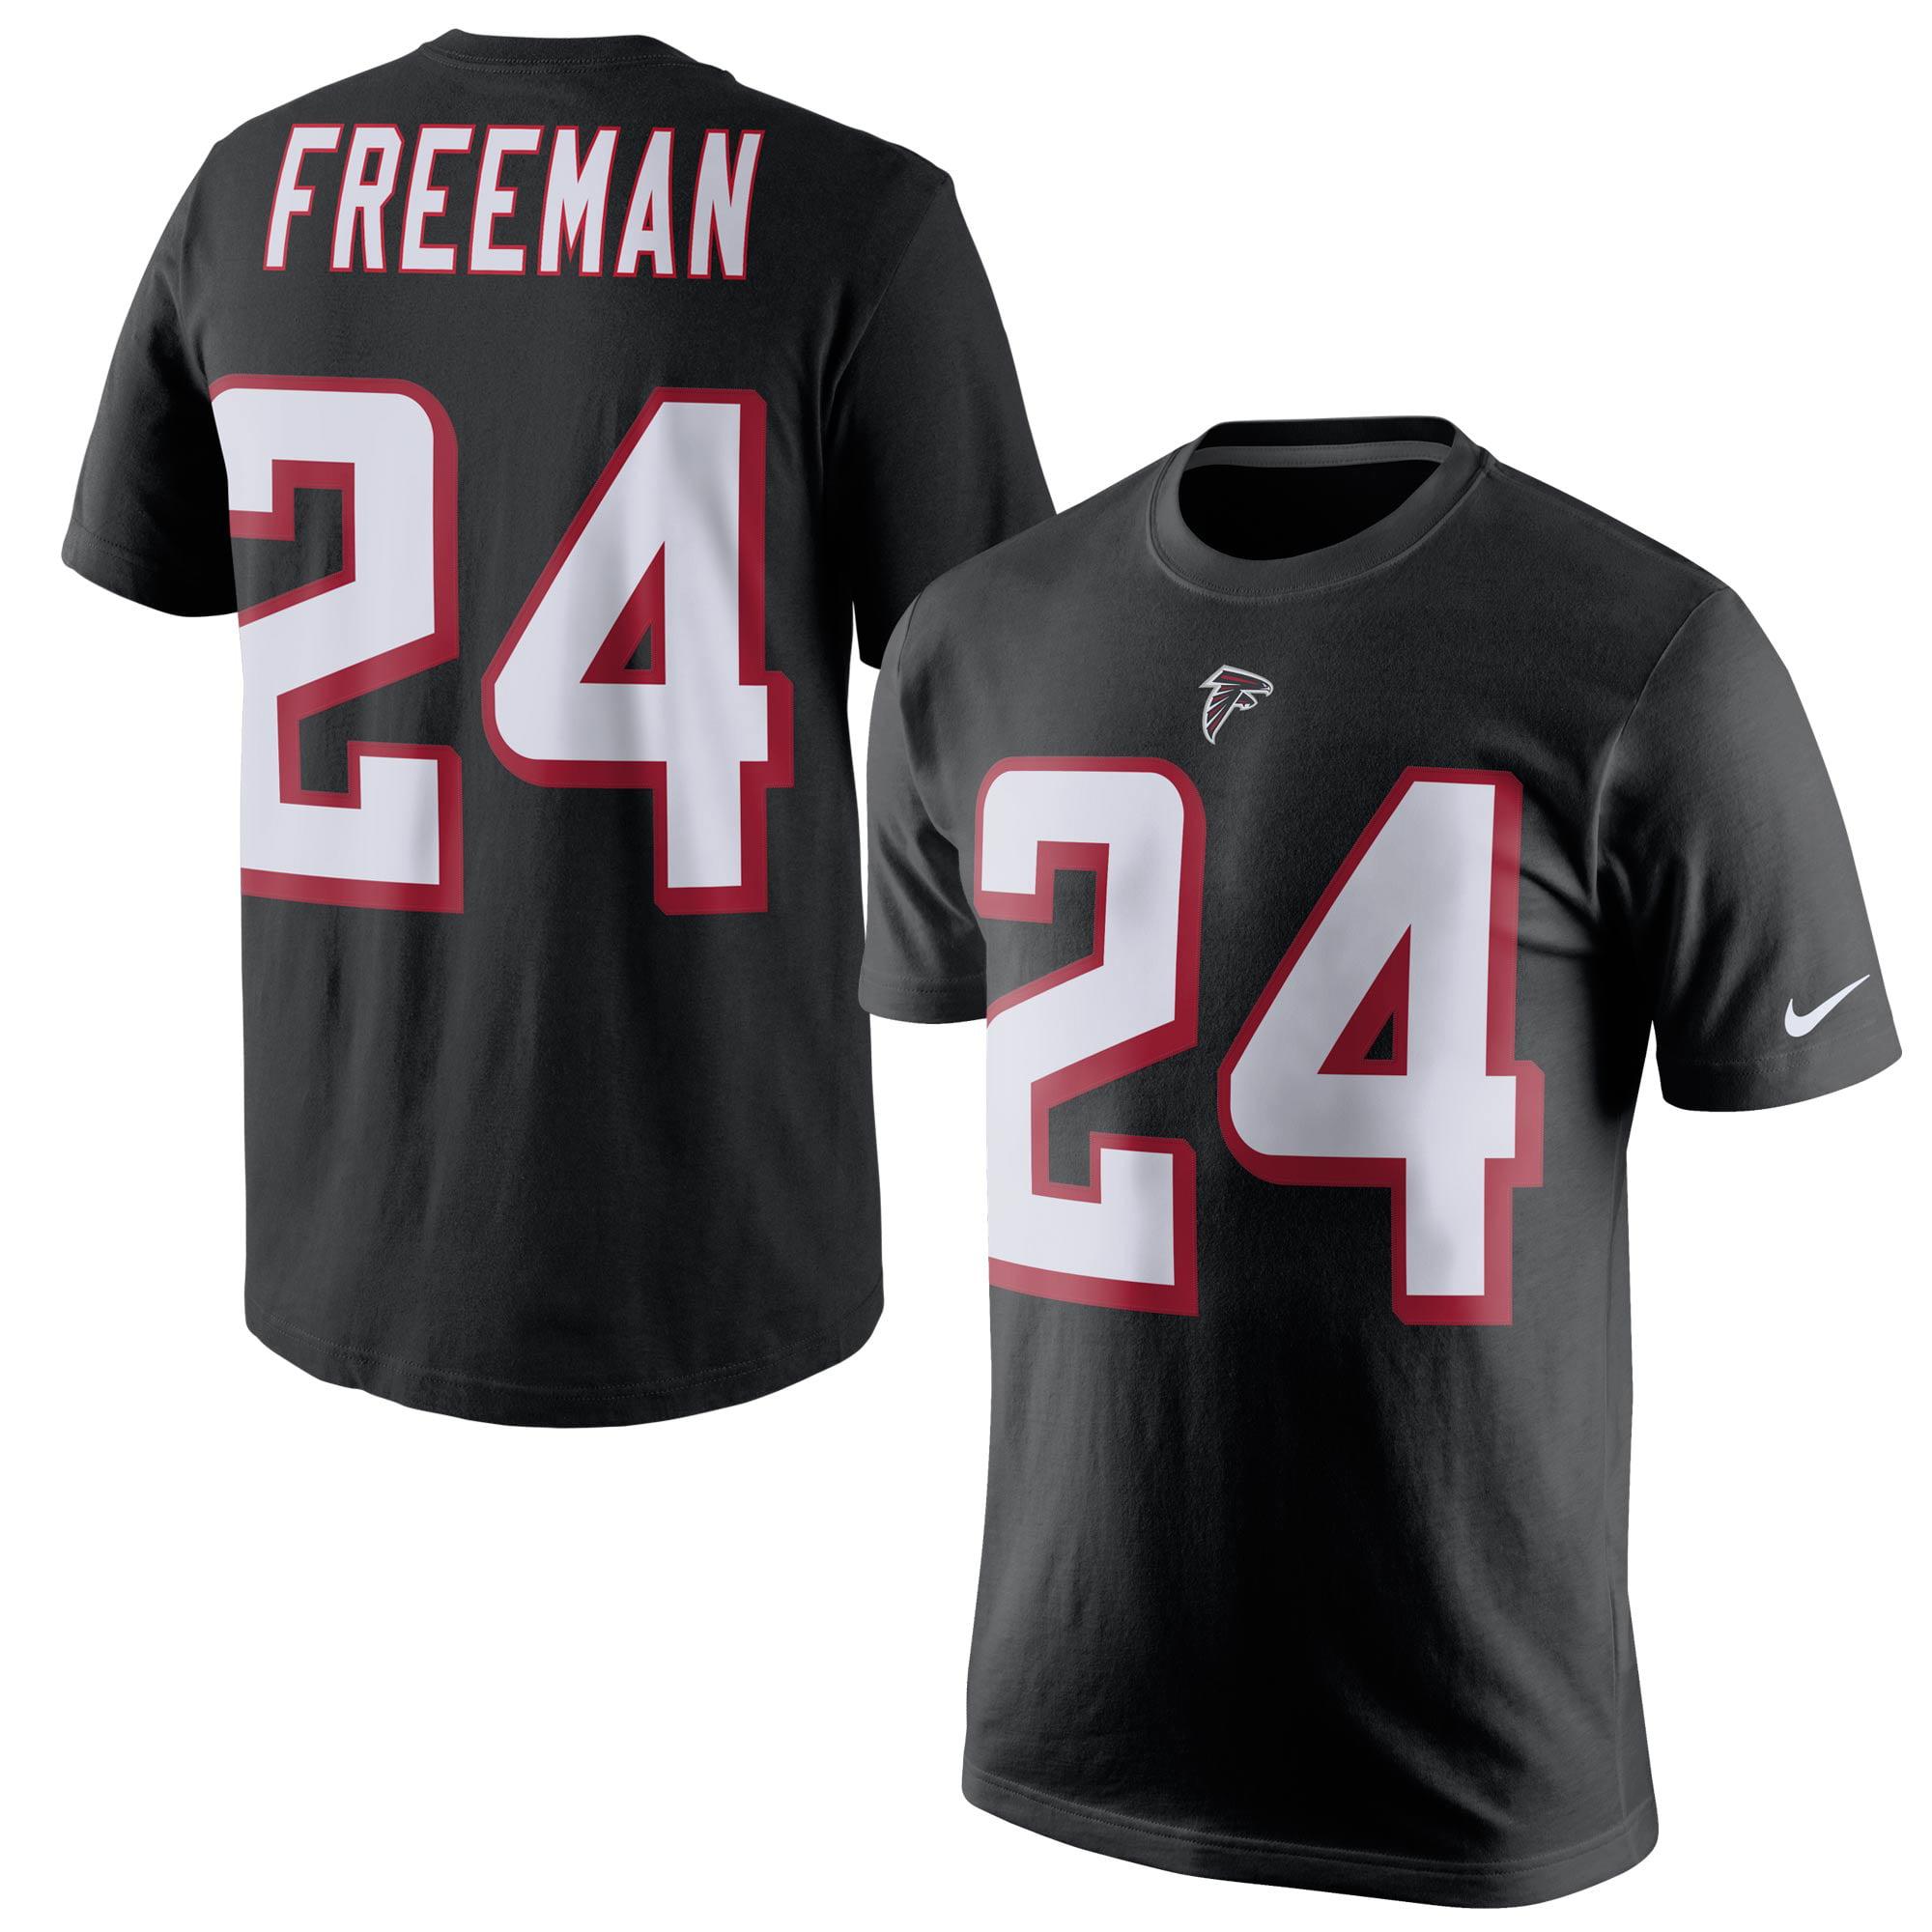 Devonta Freeman Atlanta Falcons Nike Player Pride Name & Number T-Shirt - Black